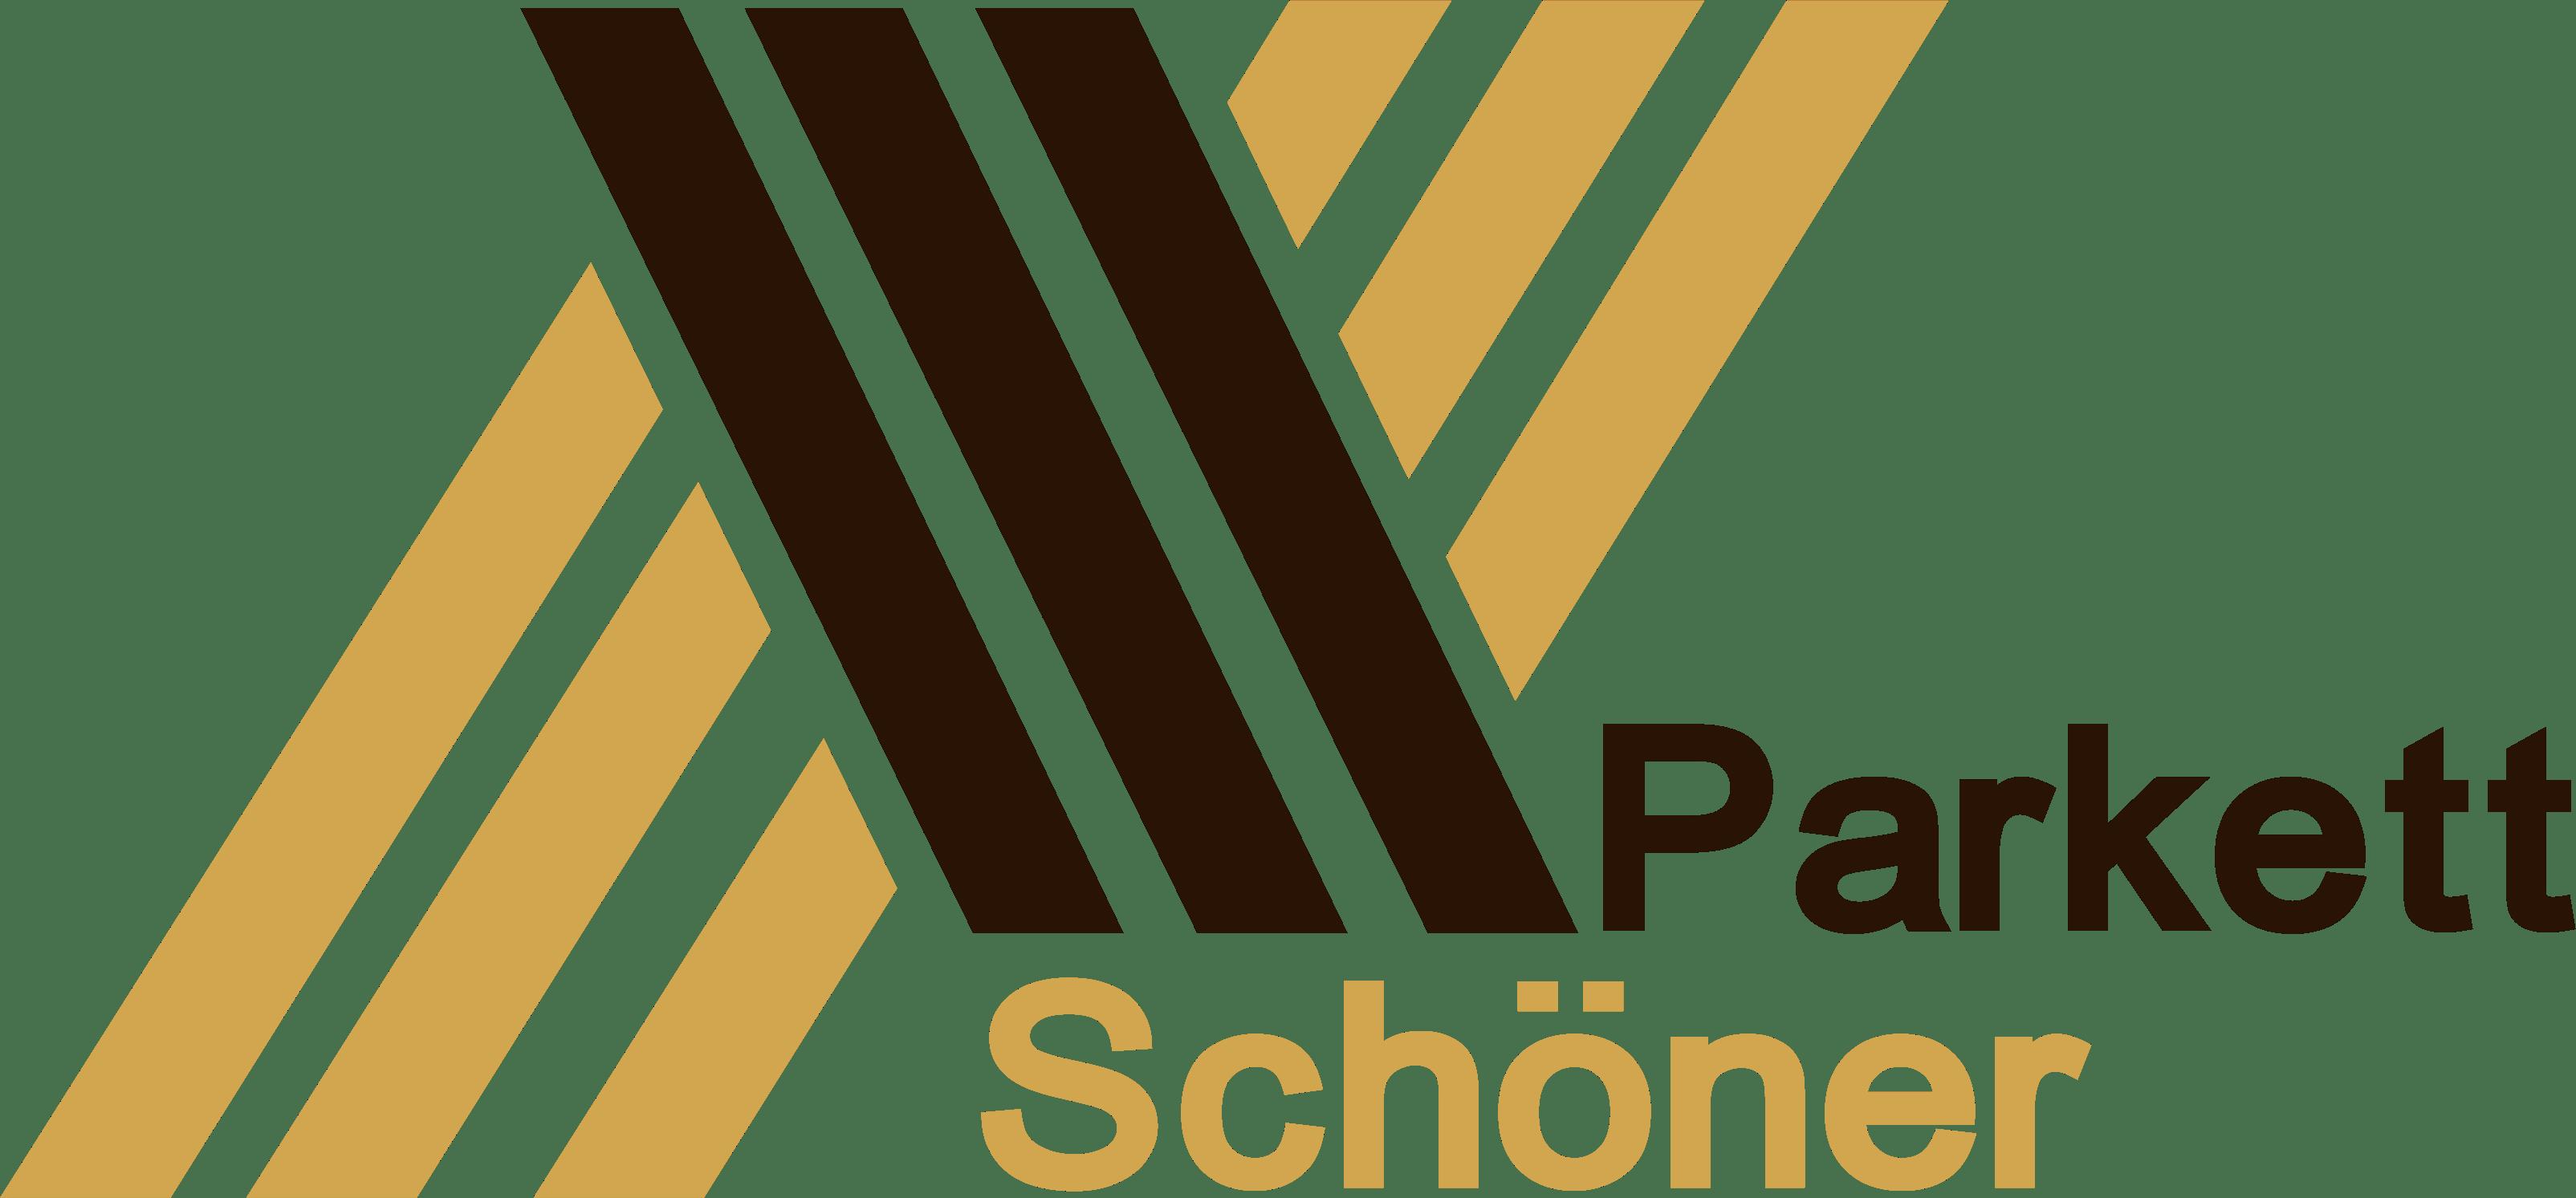 logo Parkett Schoner[140] (2)